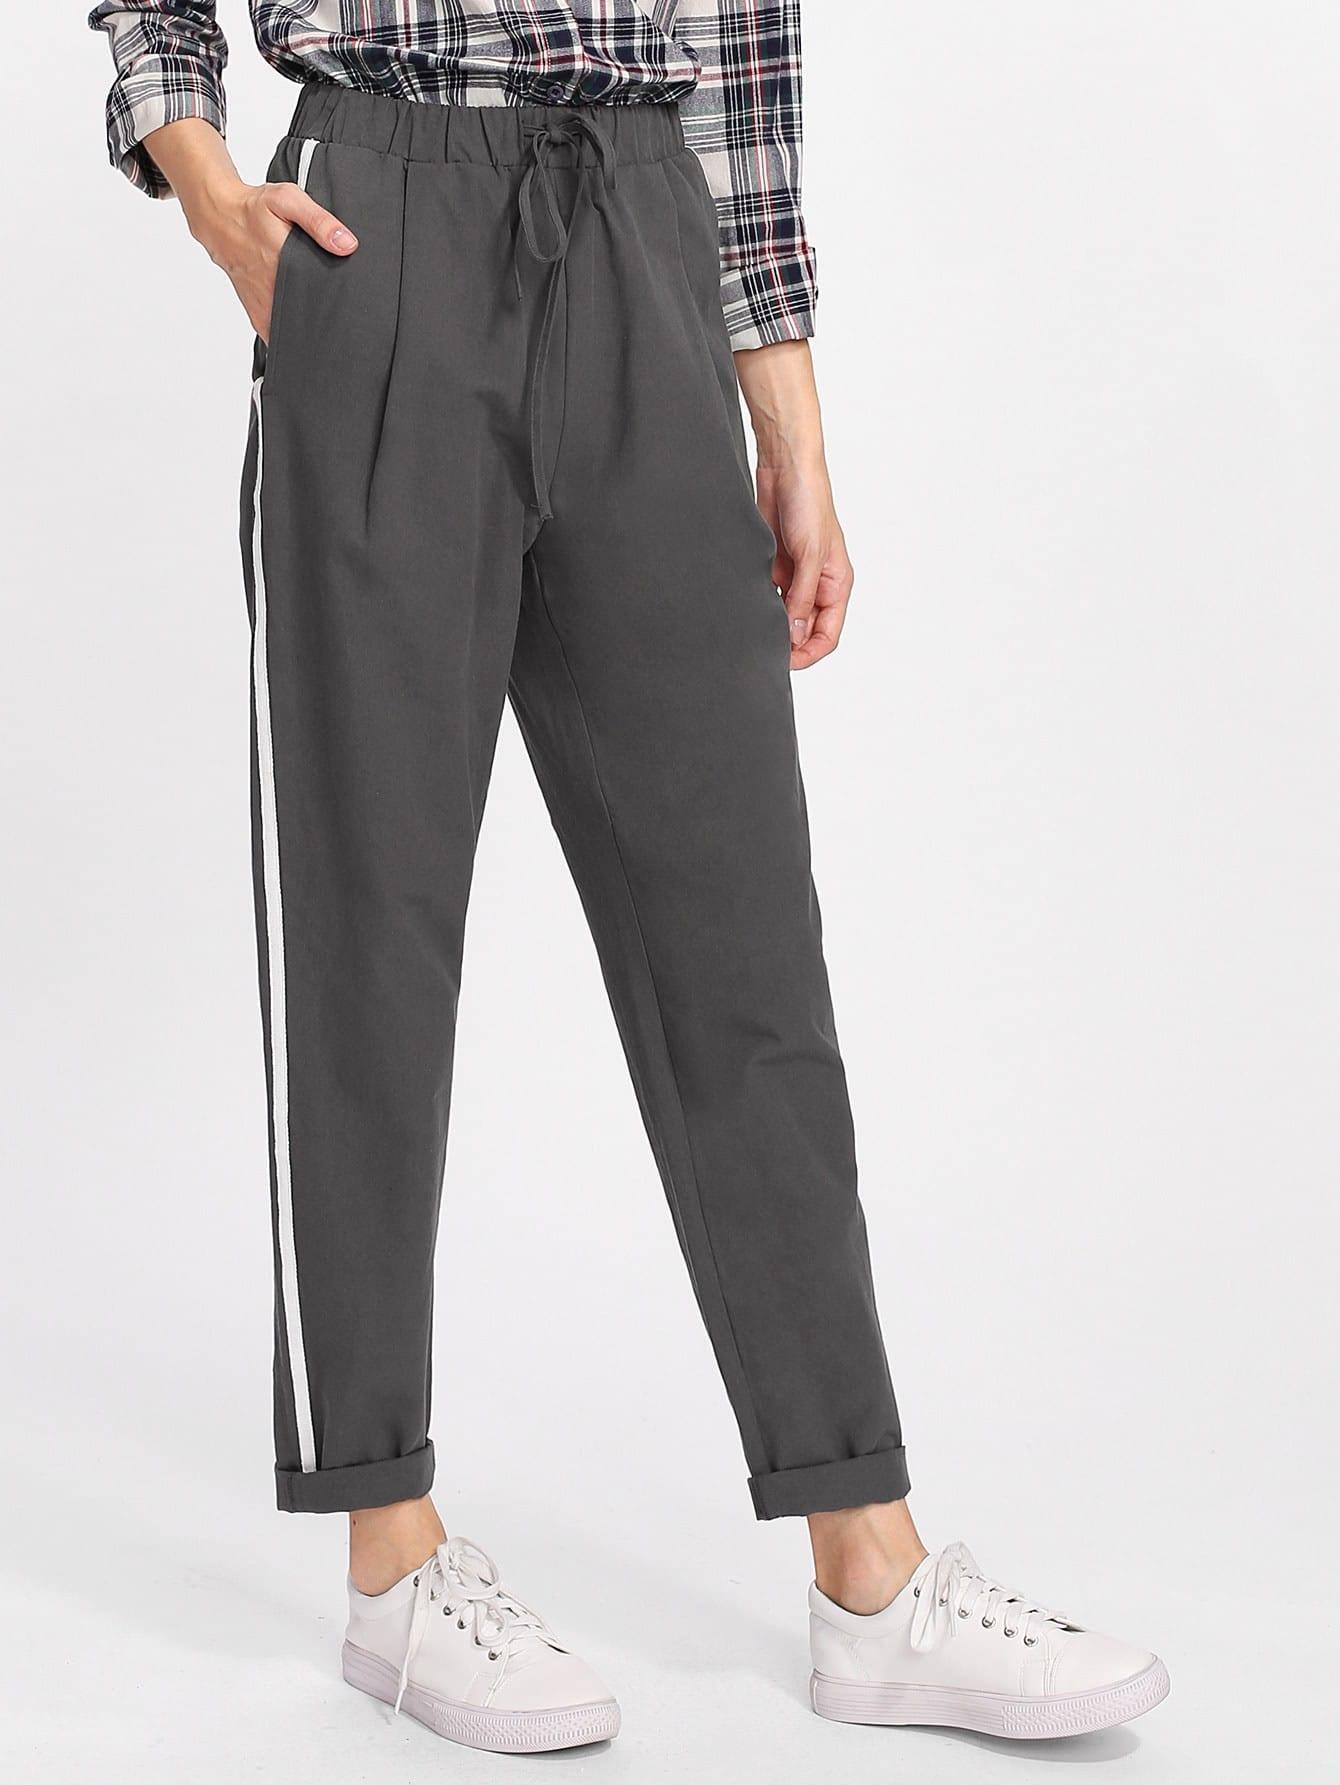 Drawstring Waist Striped Side Peg Pants ruffle waist belted peg pants